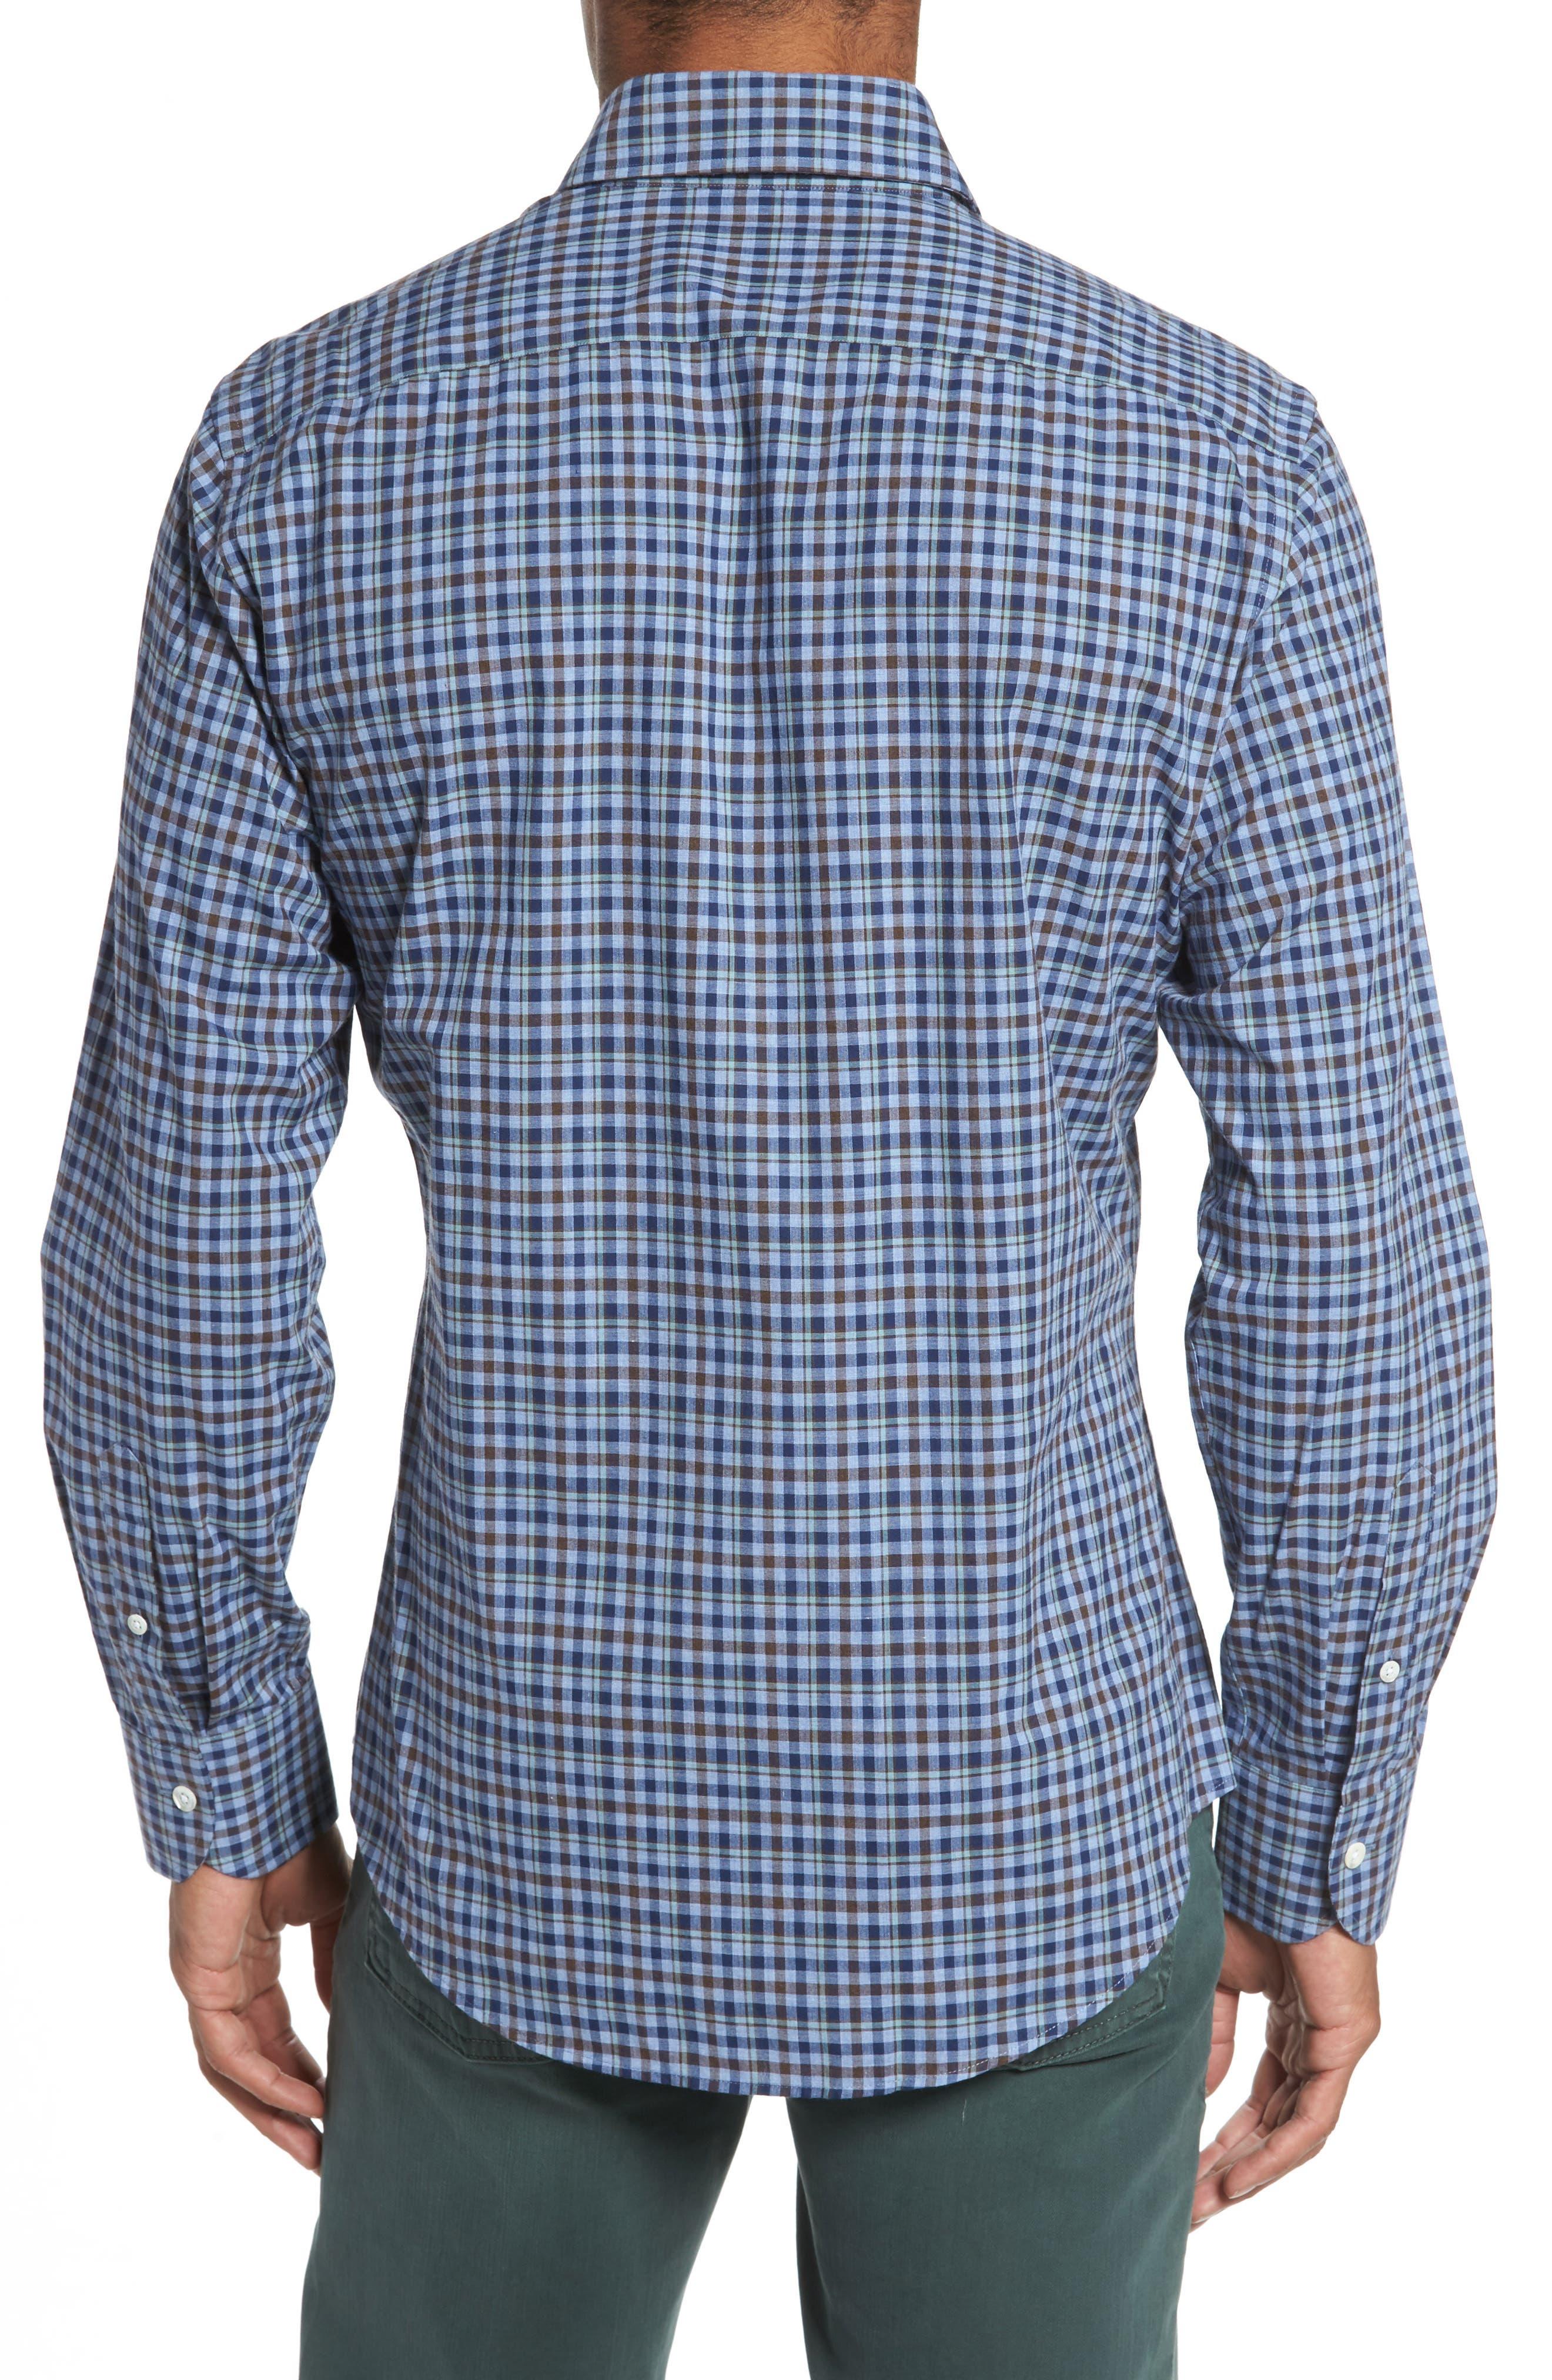 Alden Slim Fit Plaid Sport Shirt,                             Alternate thumbnail 2, color,                             400